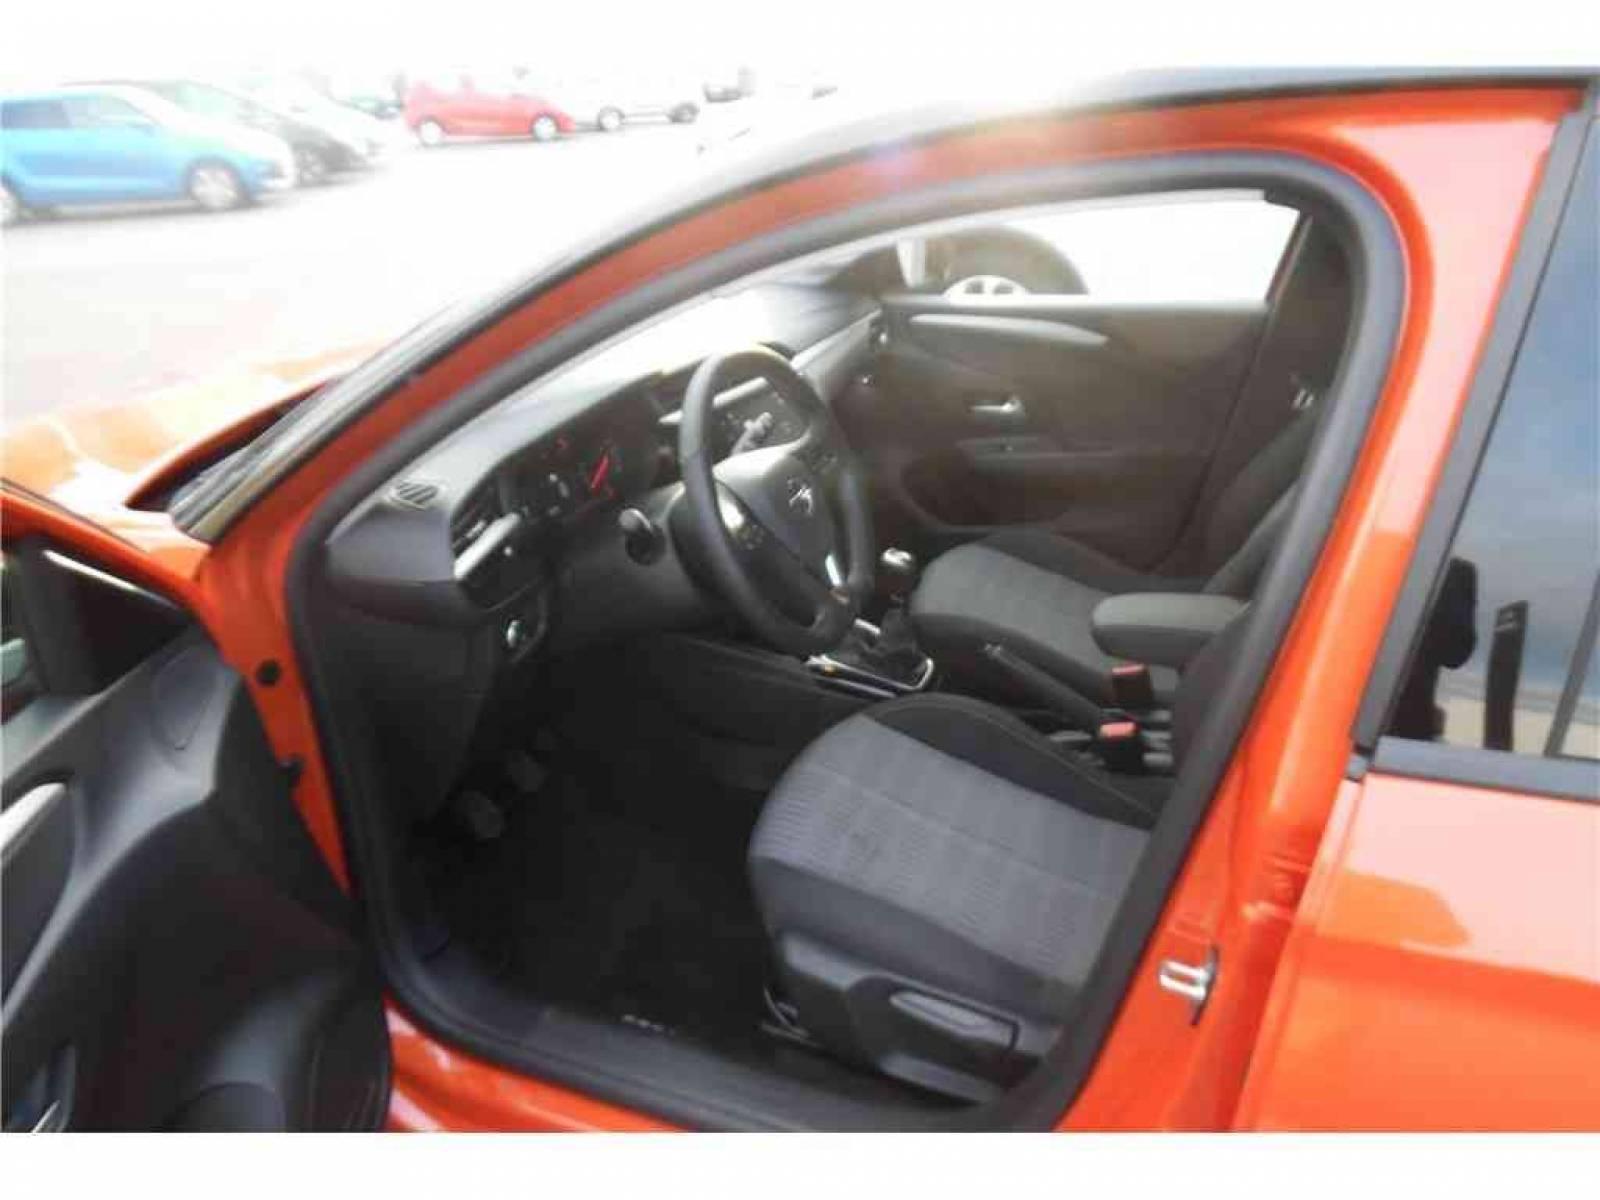 OPEL Corsa 1.2 Turbo 100 ch BVM6 - véhicule d'occasion - Groupe Guillet - Opel Magicauto - Montceau-les-Mines - 71300 - Montceau-les-Mines - 17